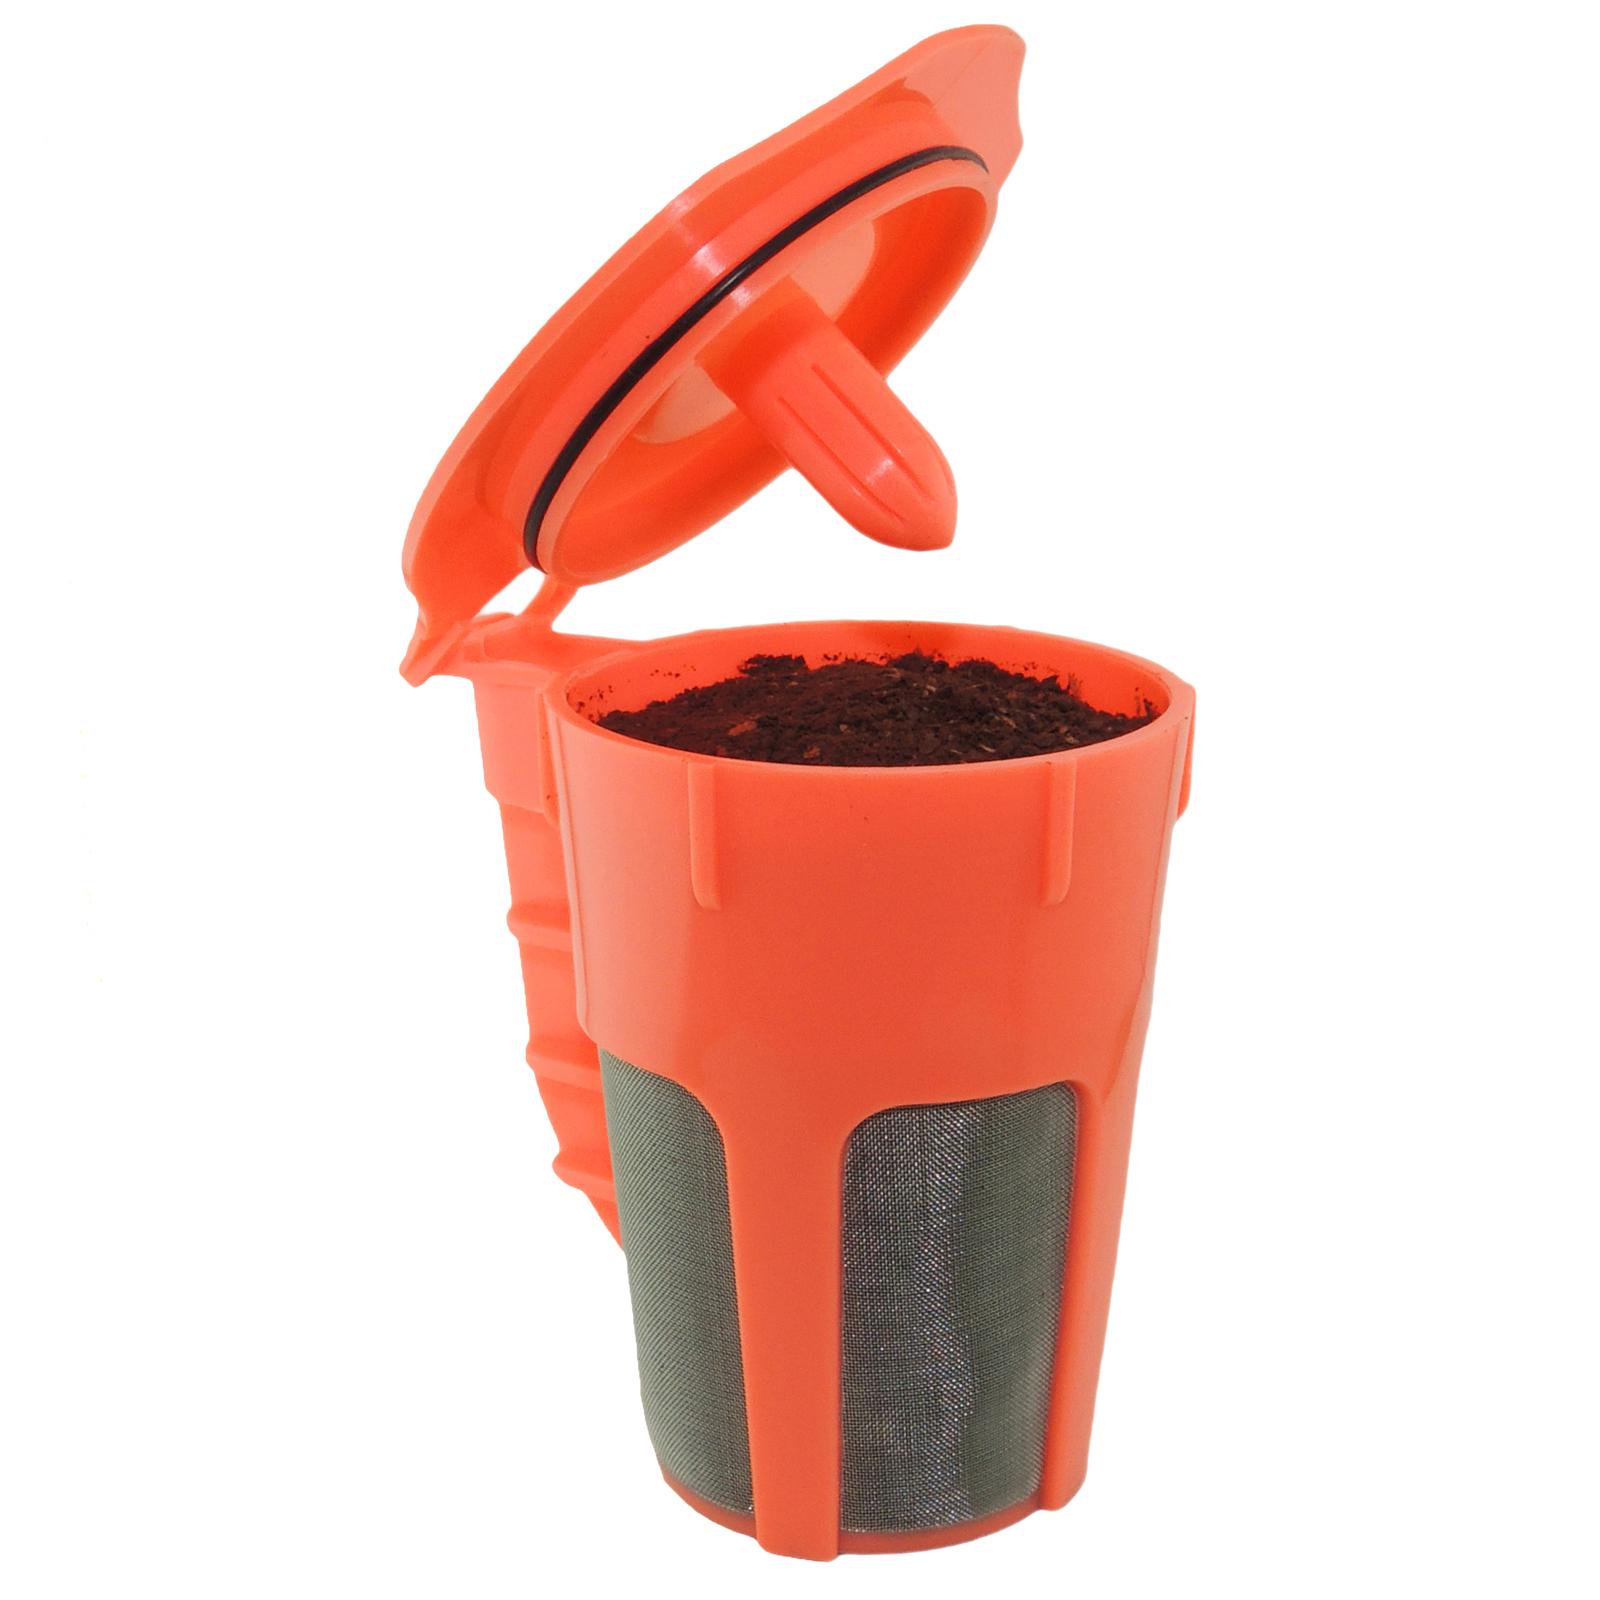 Keurig 2.0 k carafe k cups refillable k cup  coffee filter reusable carafe